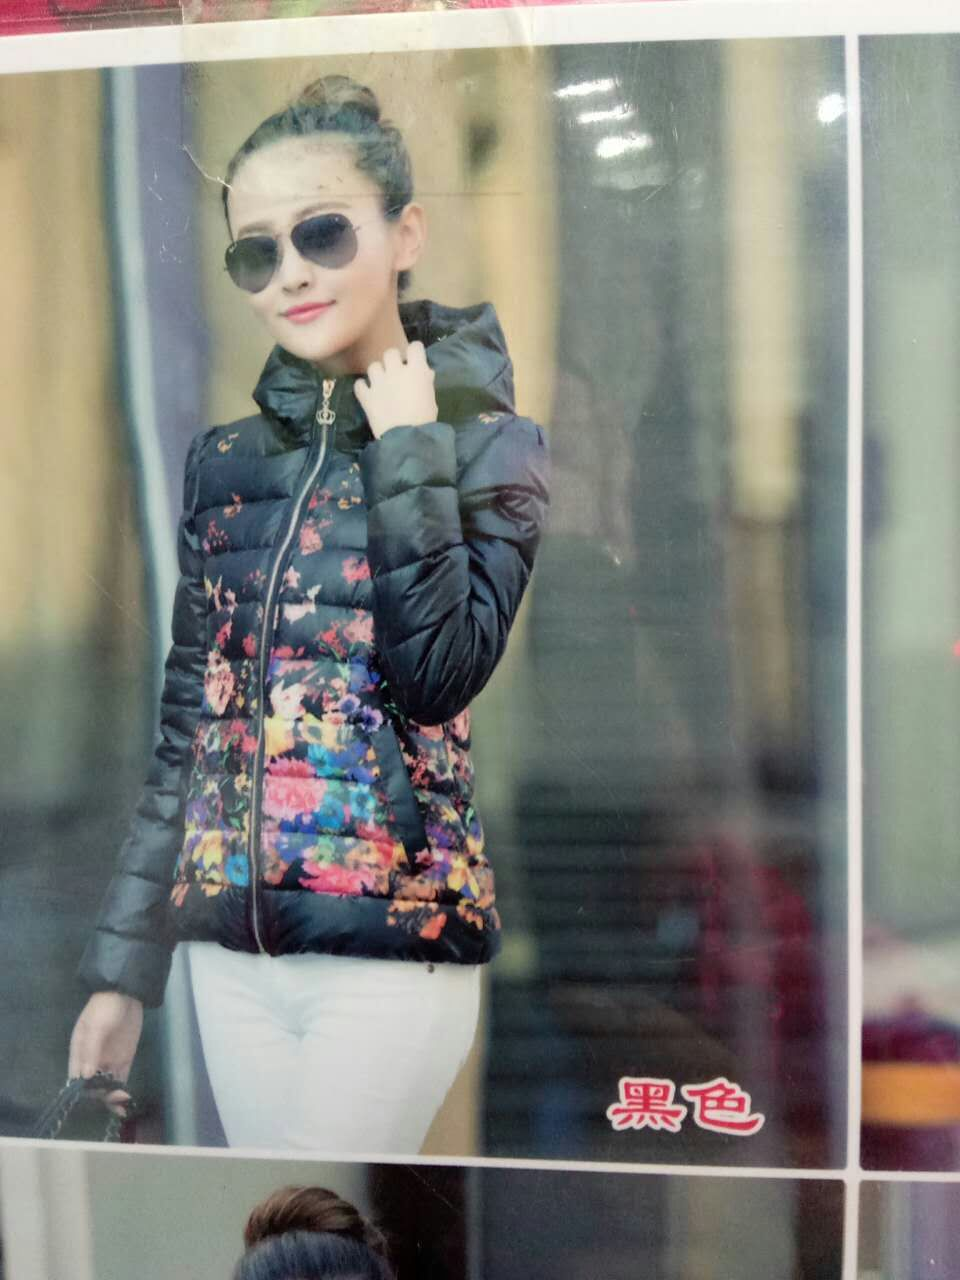 3千件棉服低价清仓外贸尾货服装批发便宜最好卖的秋装最热销的女装韩版,常年供应外贸尾单